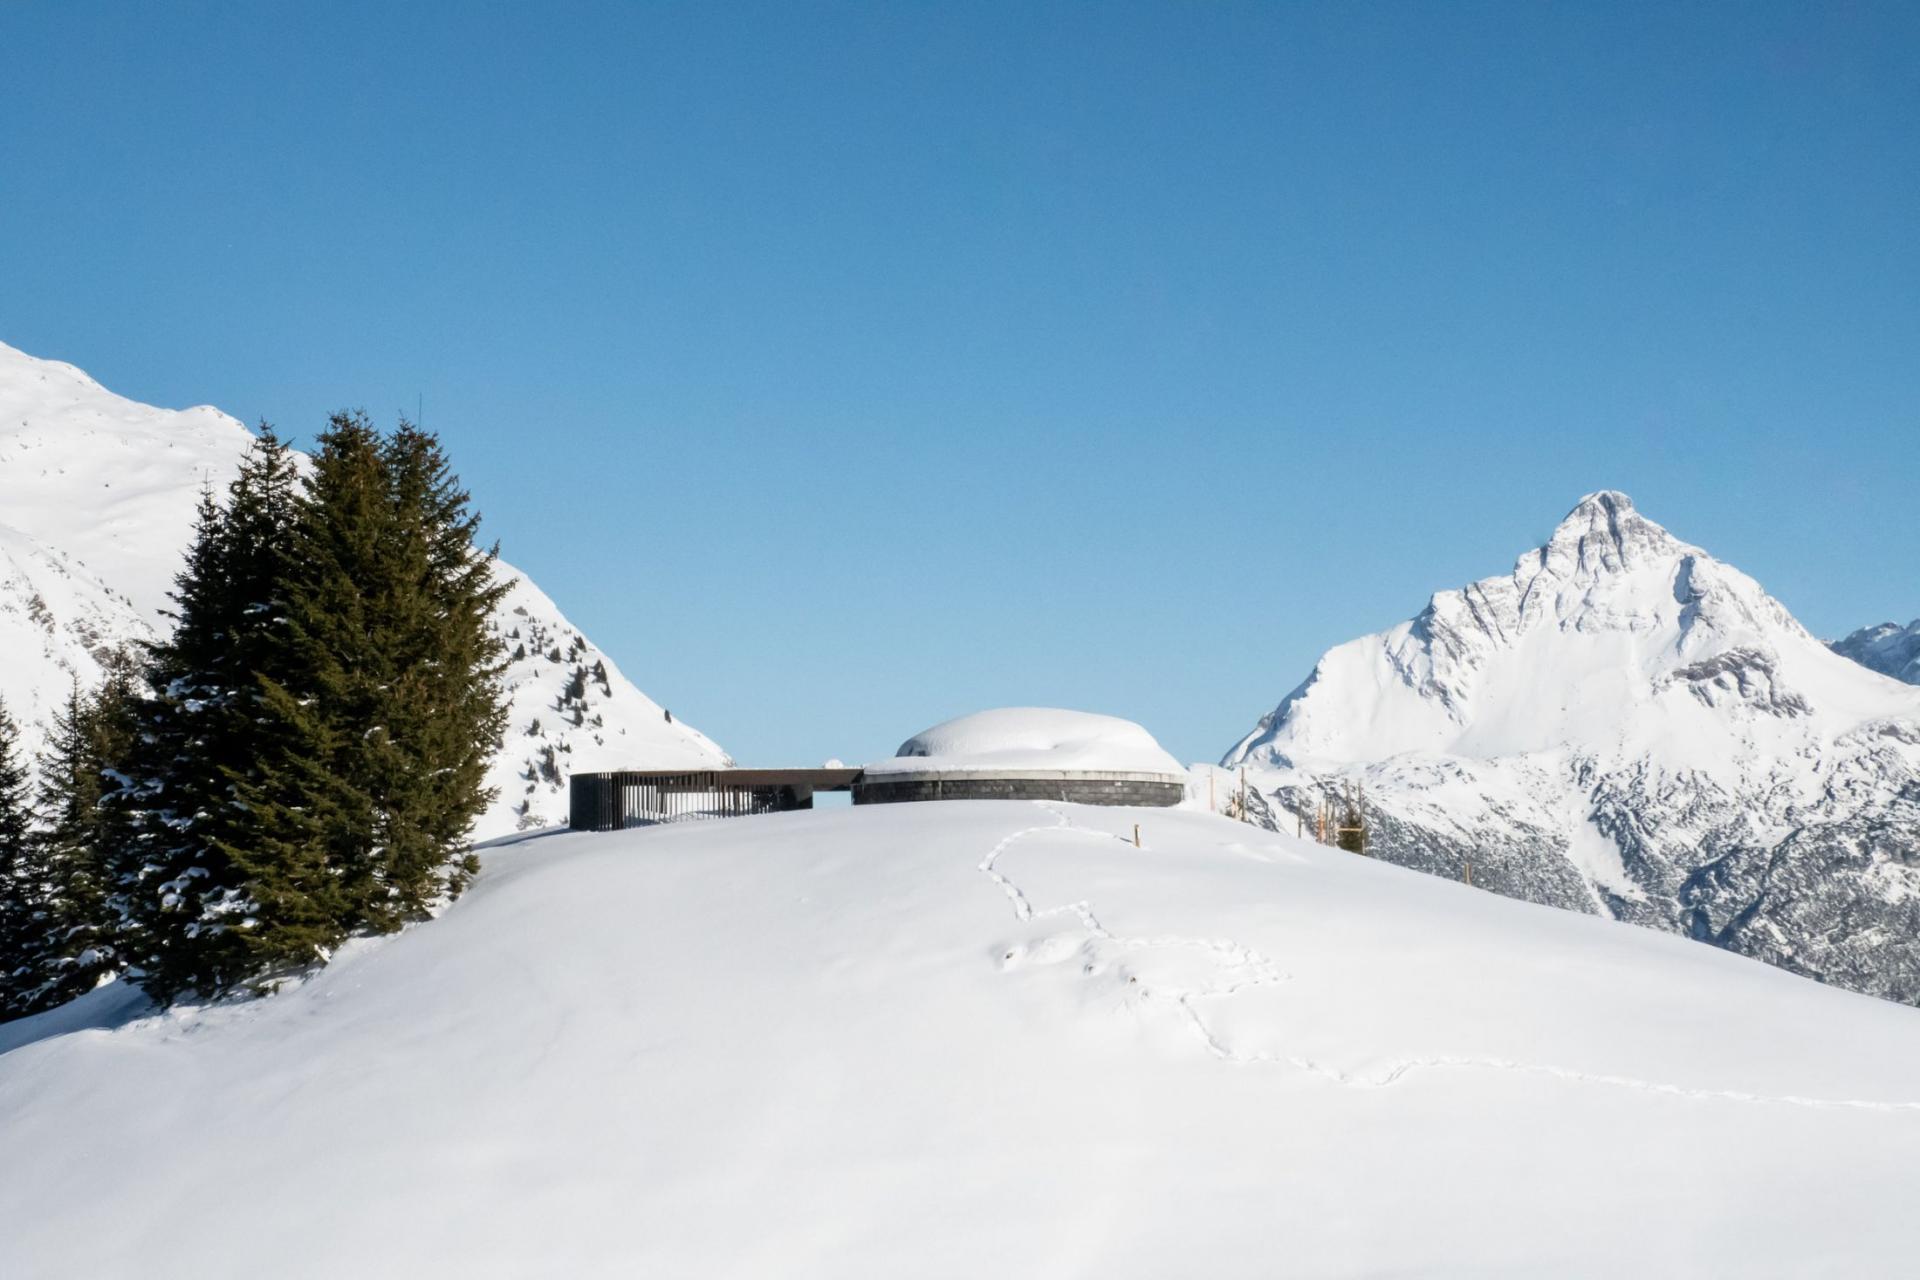 Skyspace in Winter